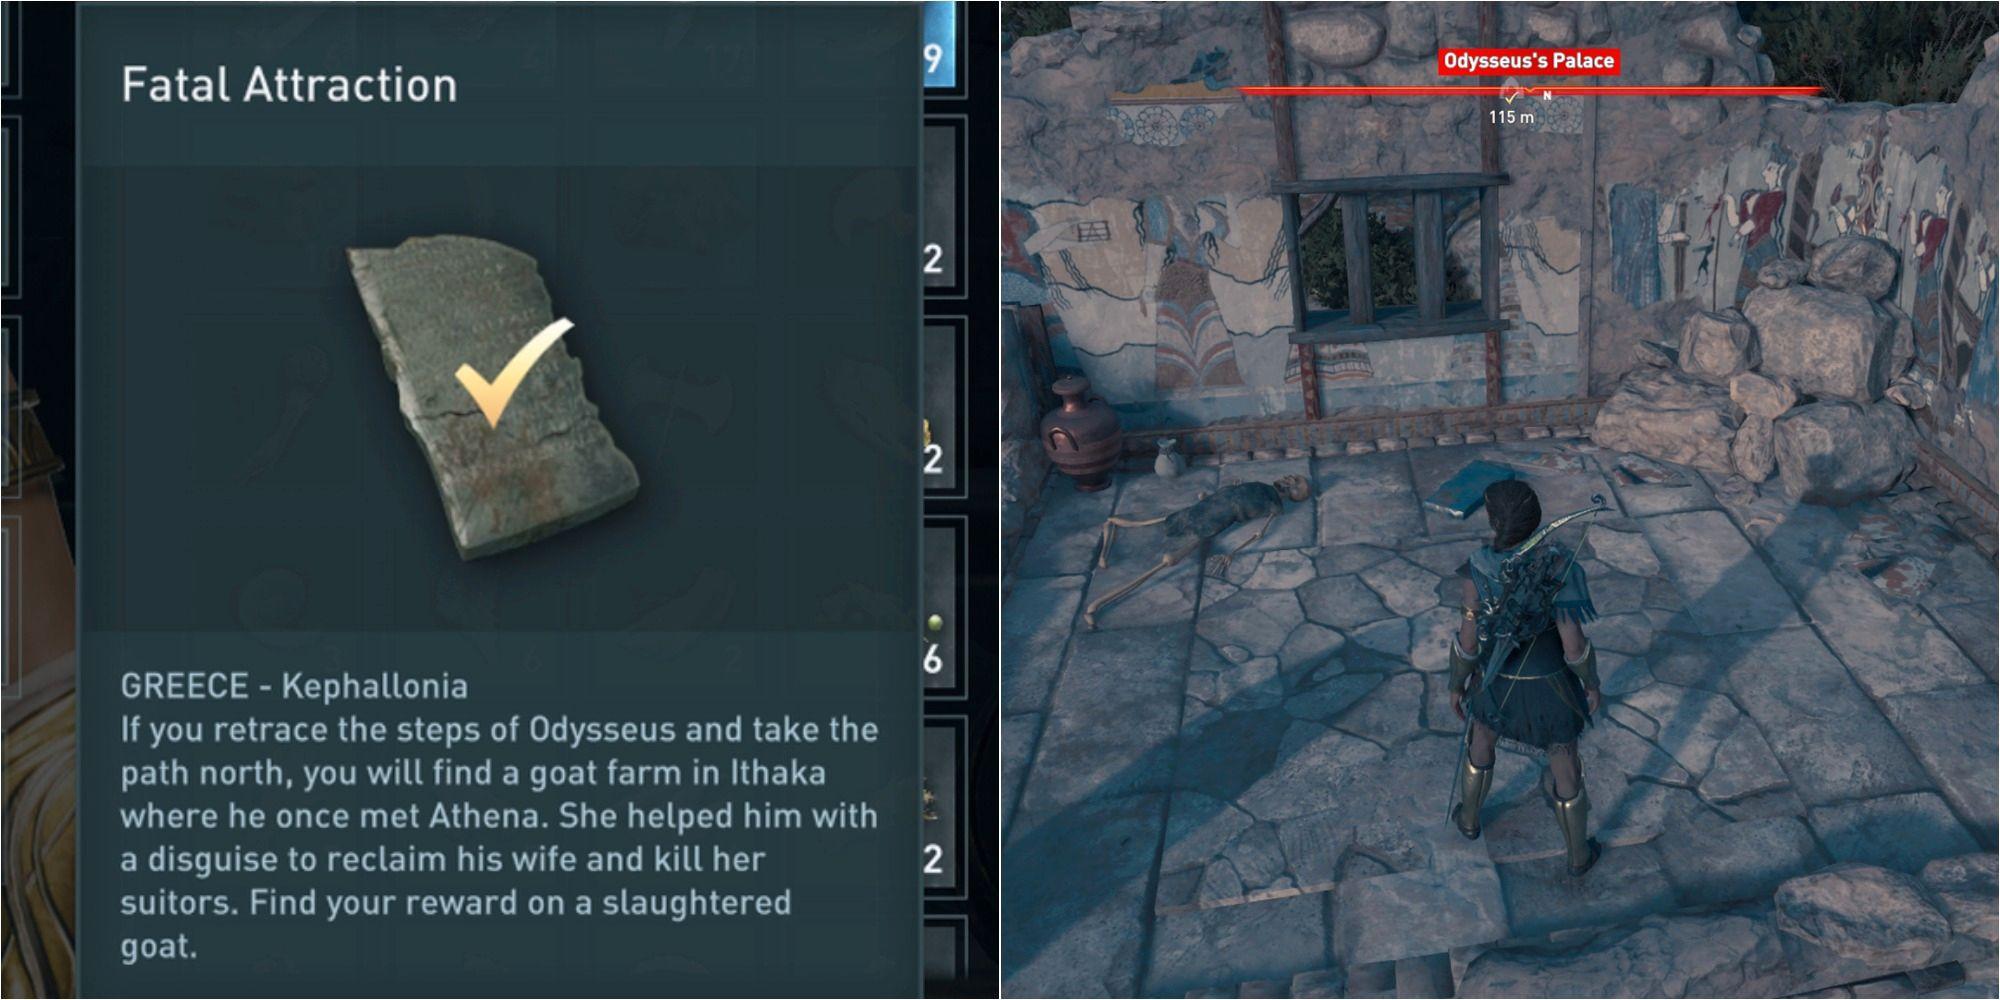 Assassin's Creed Odyssey: Cómo resolver el acertijo de la atracción fatal